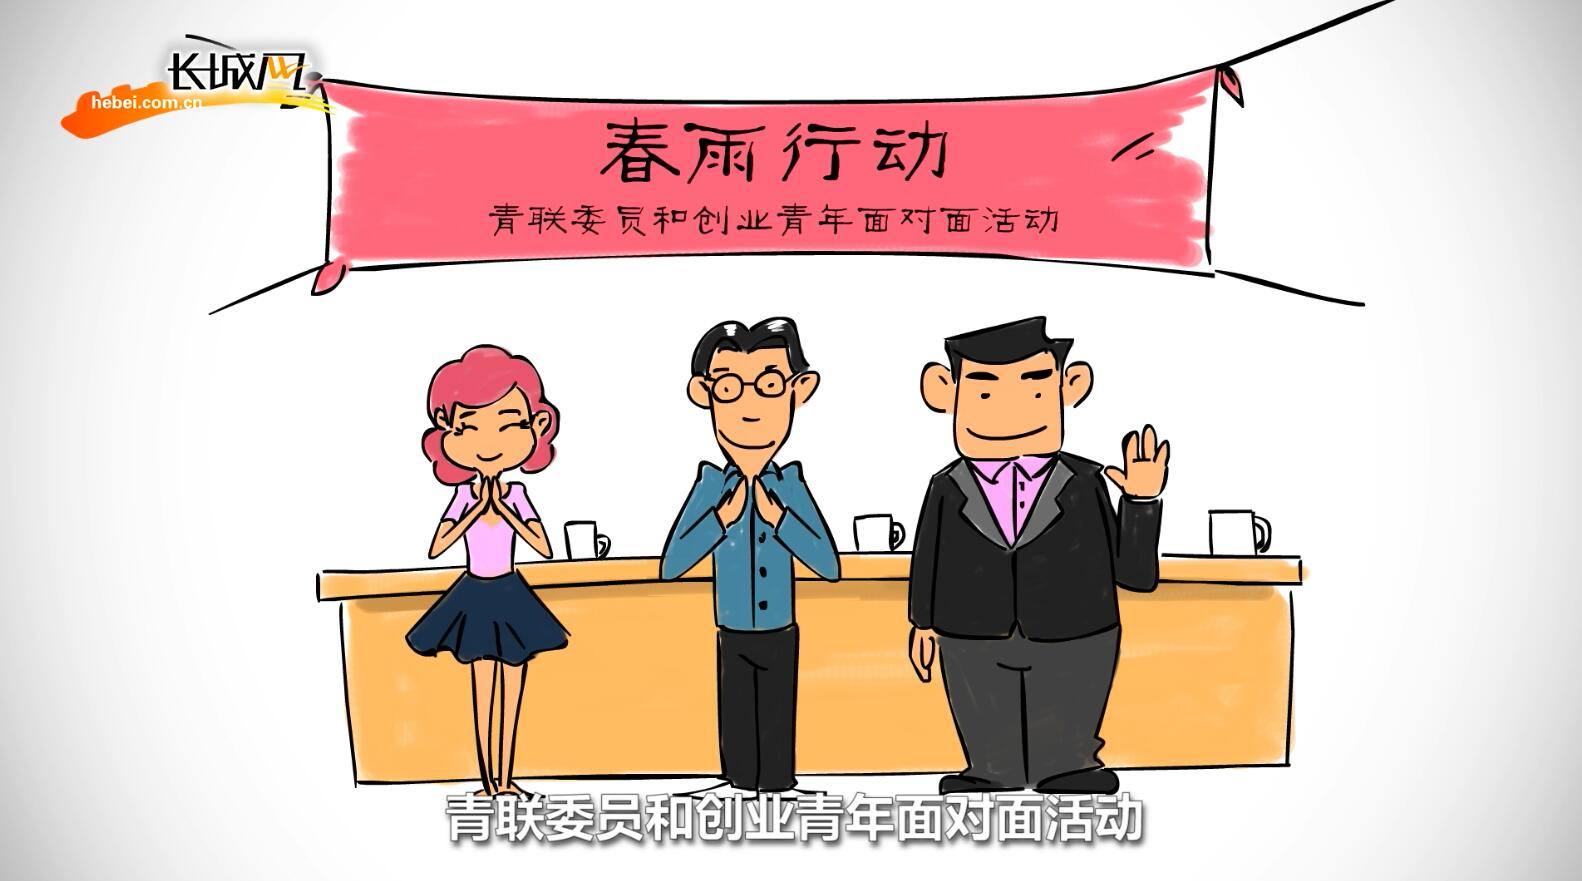 动漫 卡通 漫画 设计 矢量 矢量图 素材 头像 1582_881